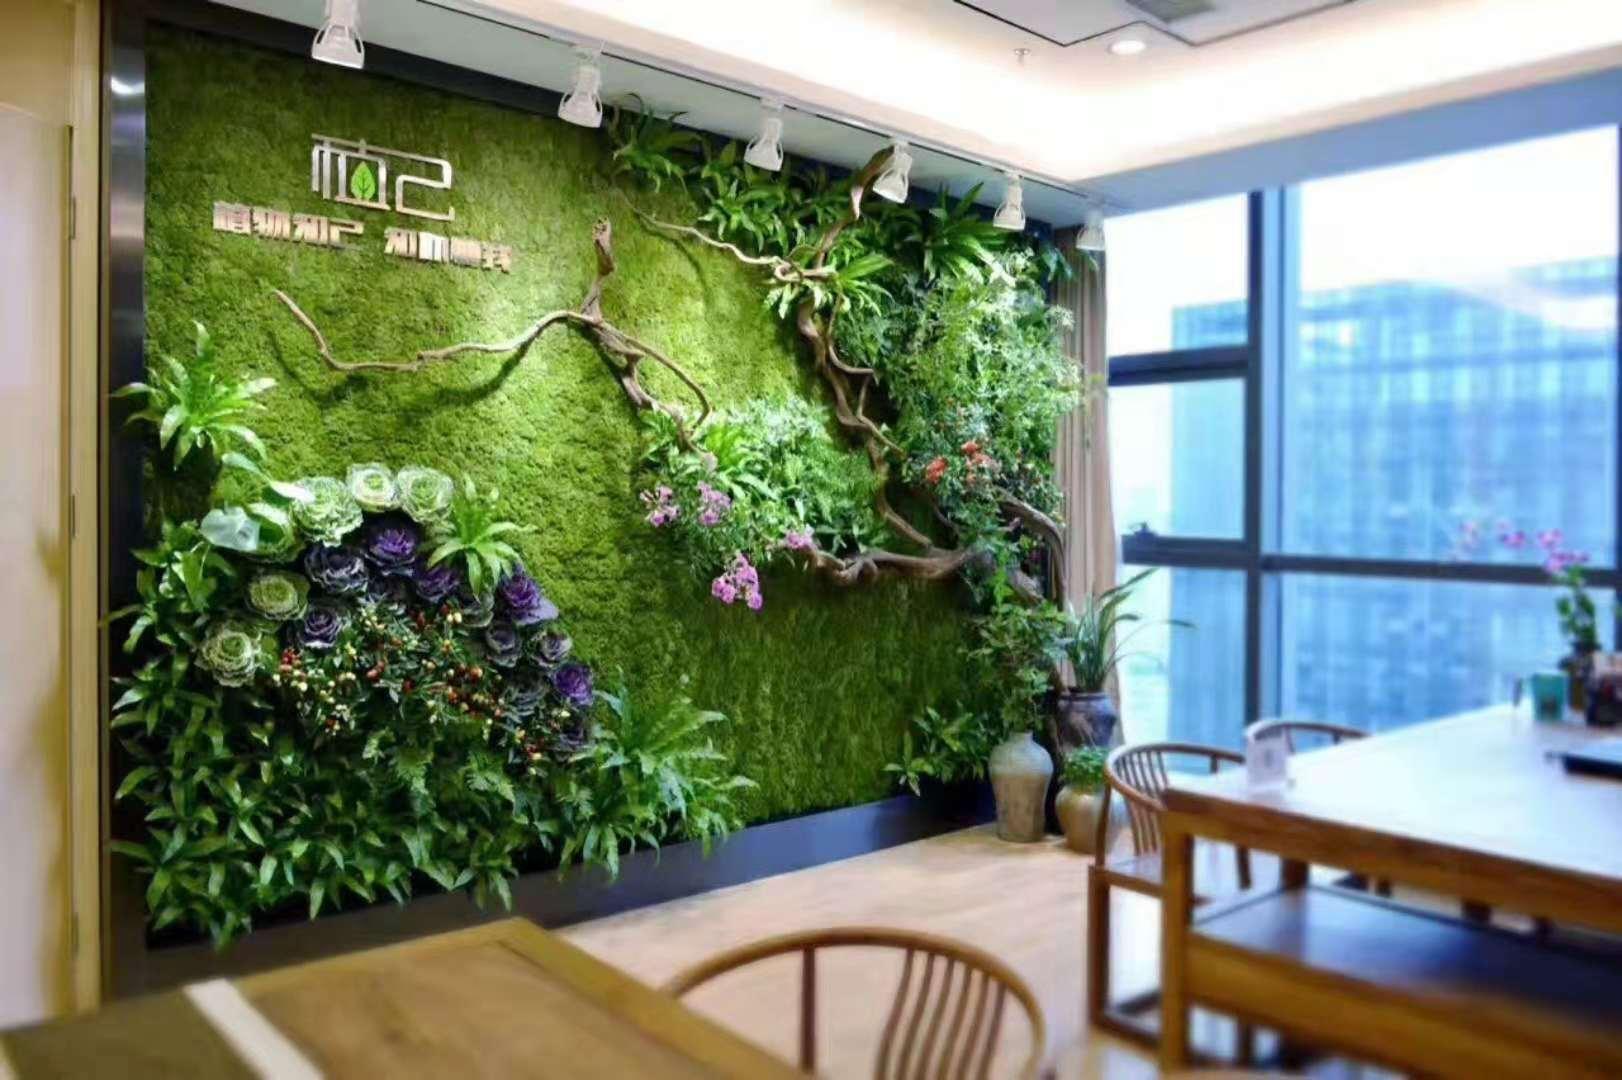 嘉兴商场植物墙,植物墙